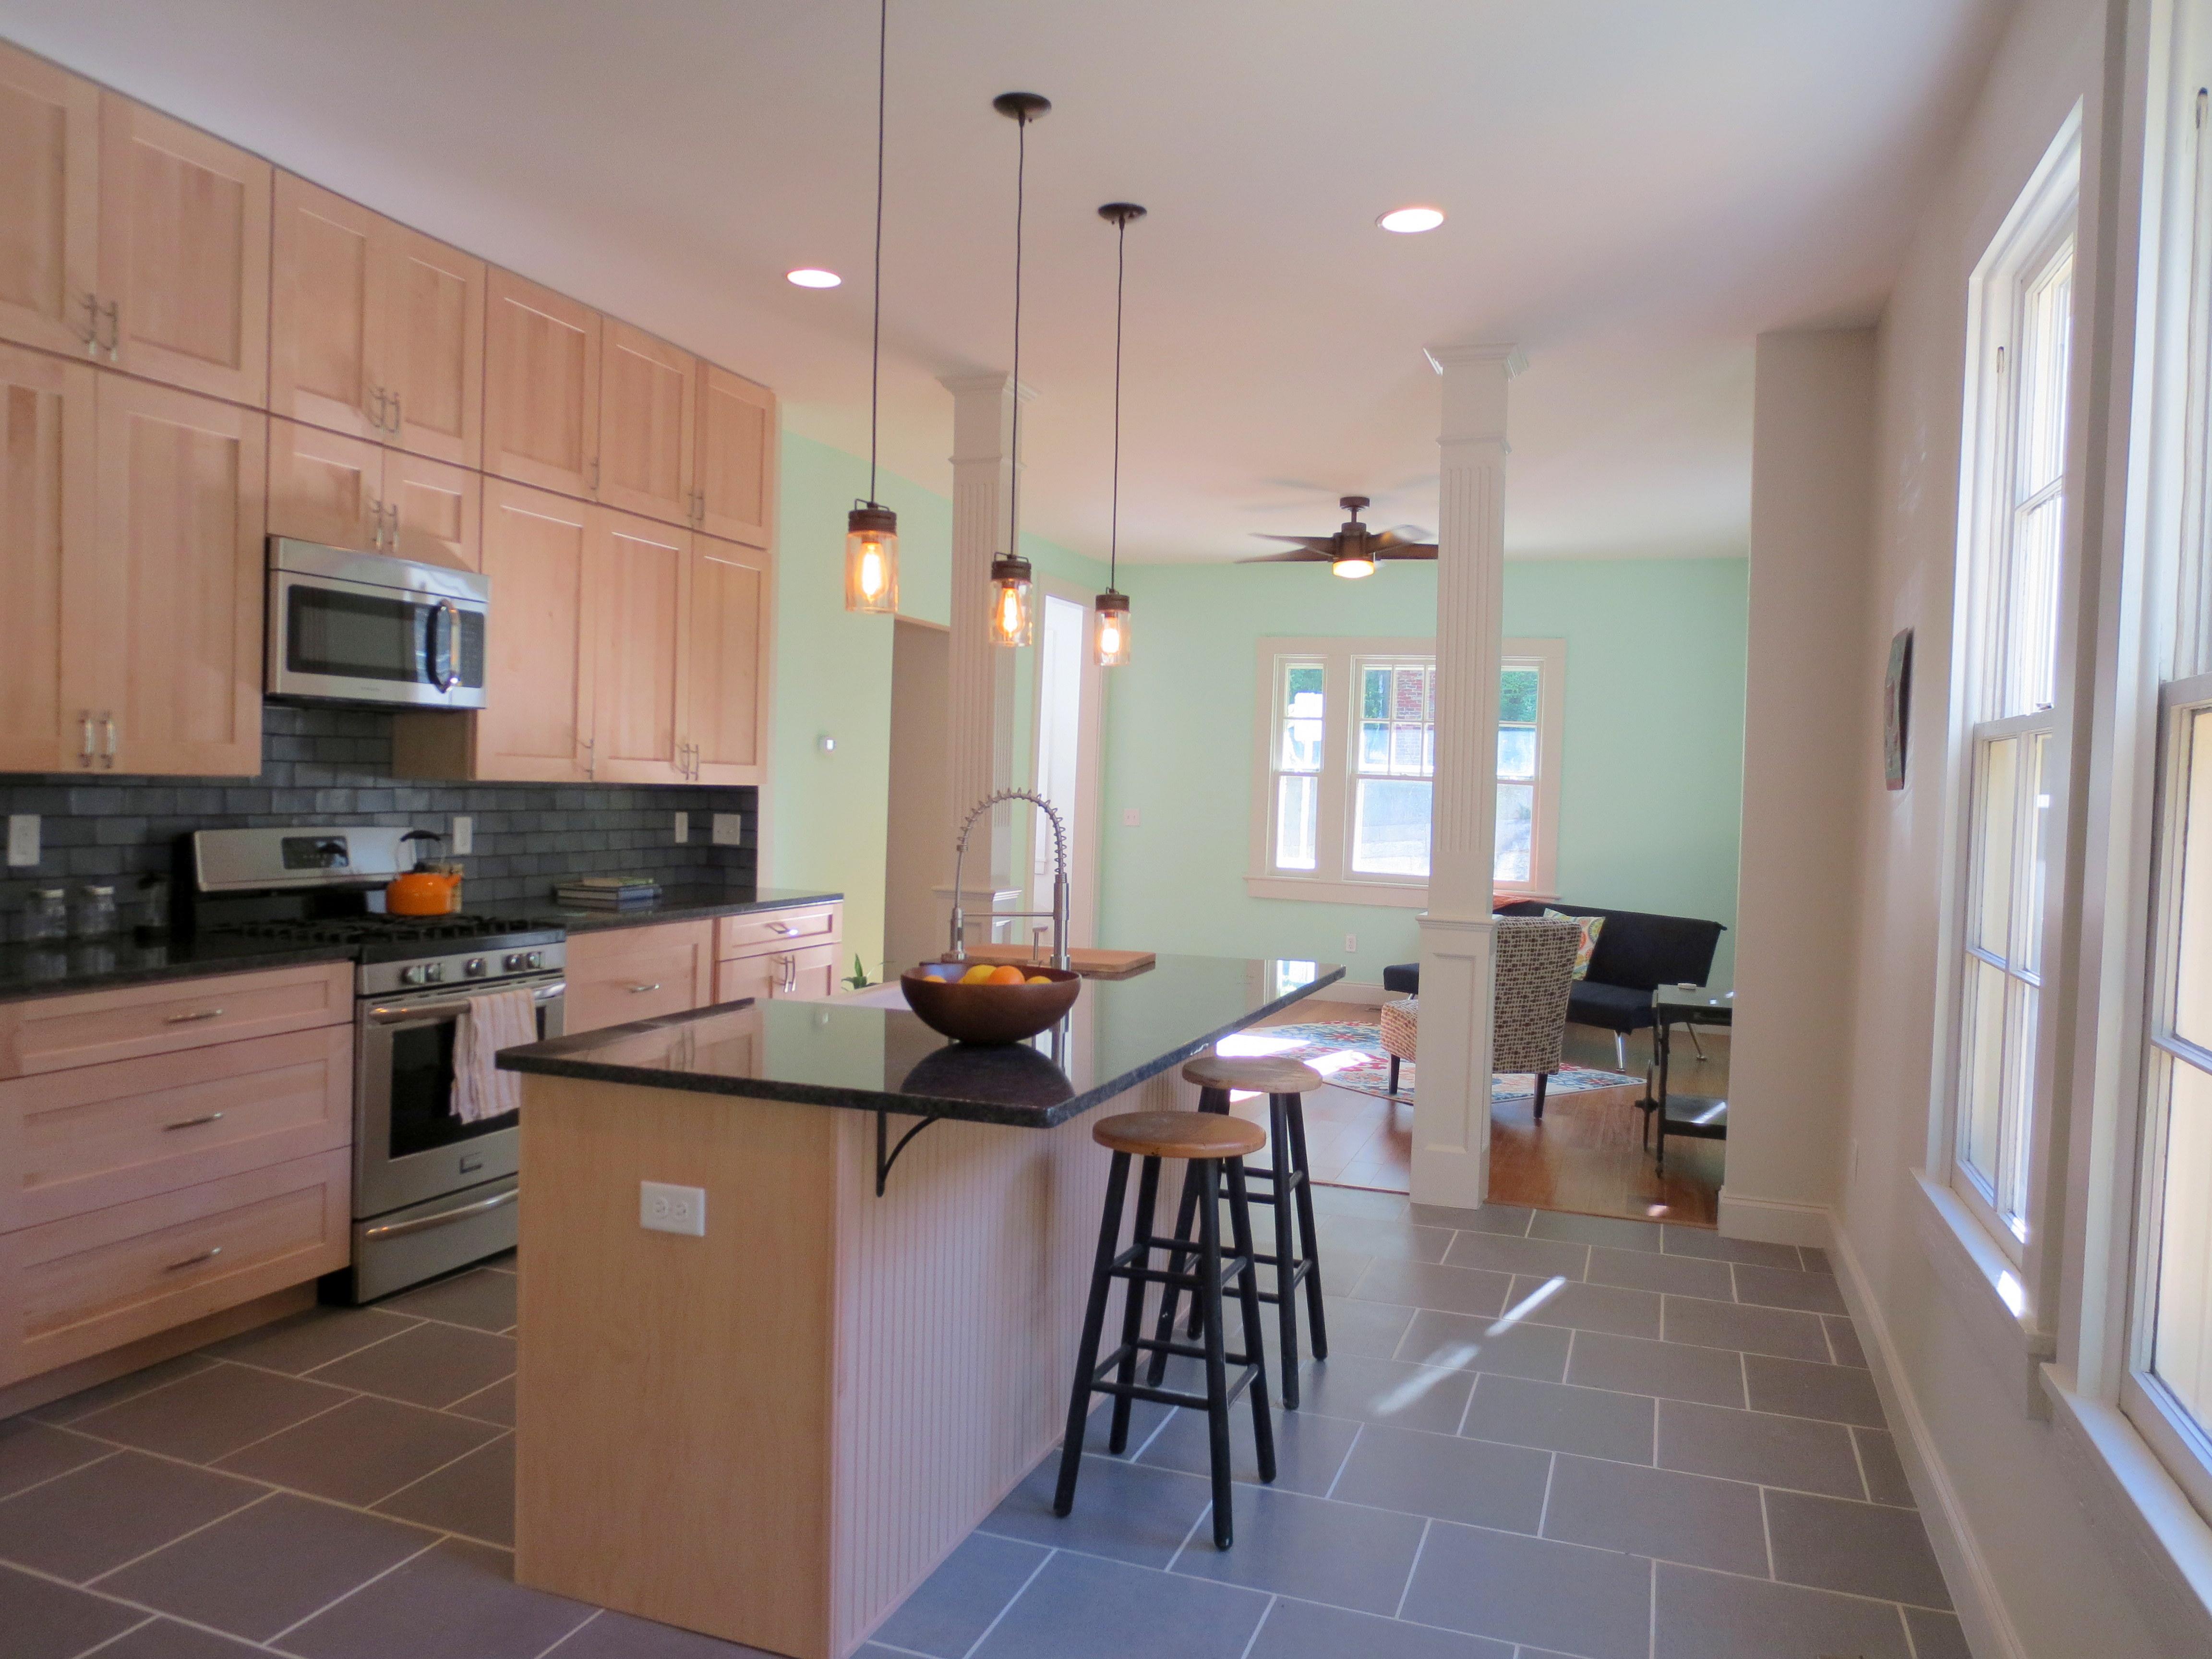 The Landmark restored kitchen